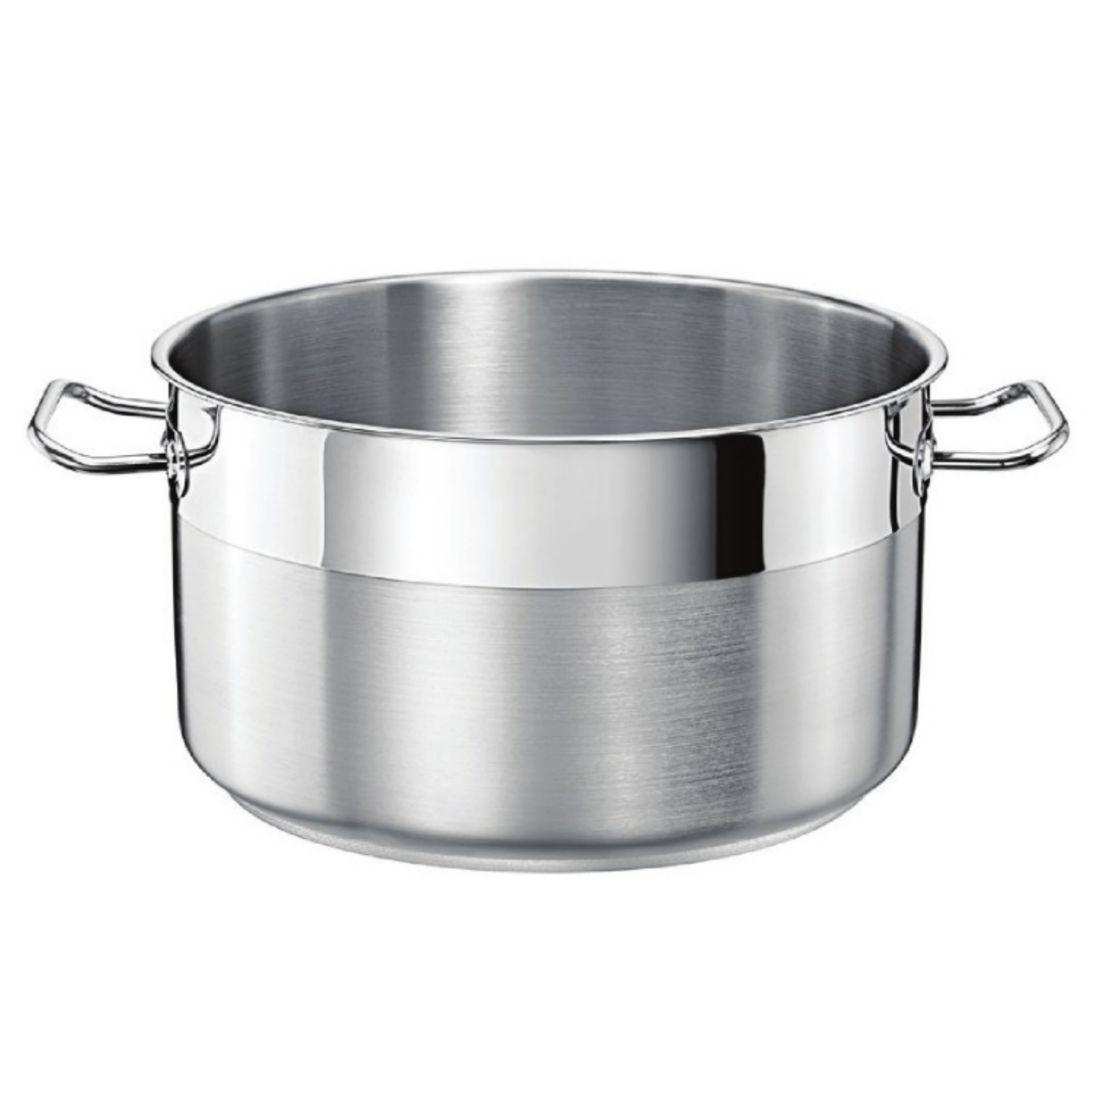 Hrnec střední TOMGAST Silver 23,0 l